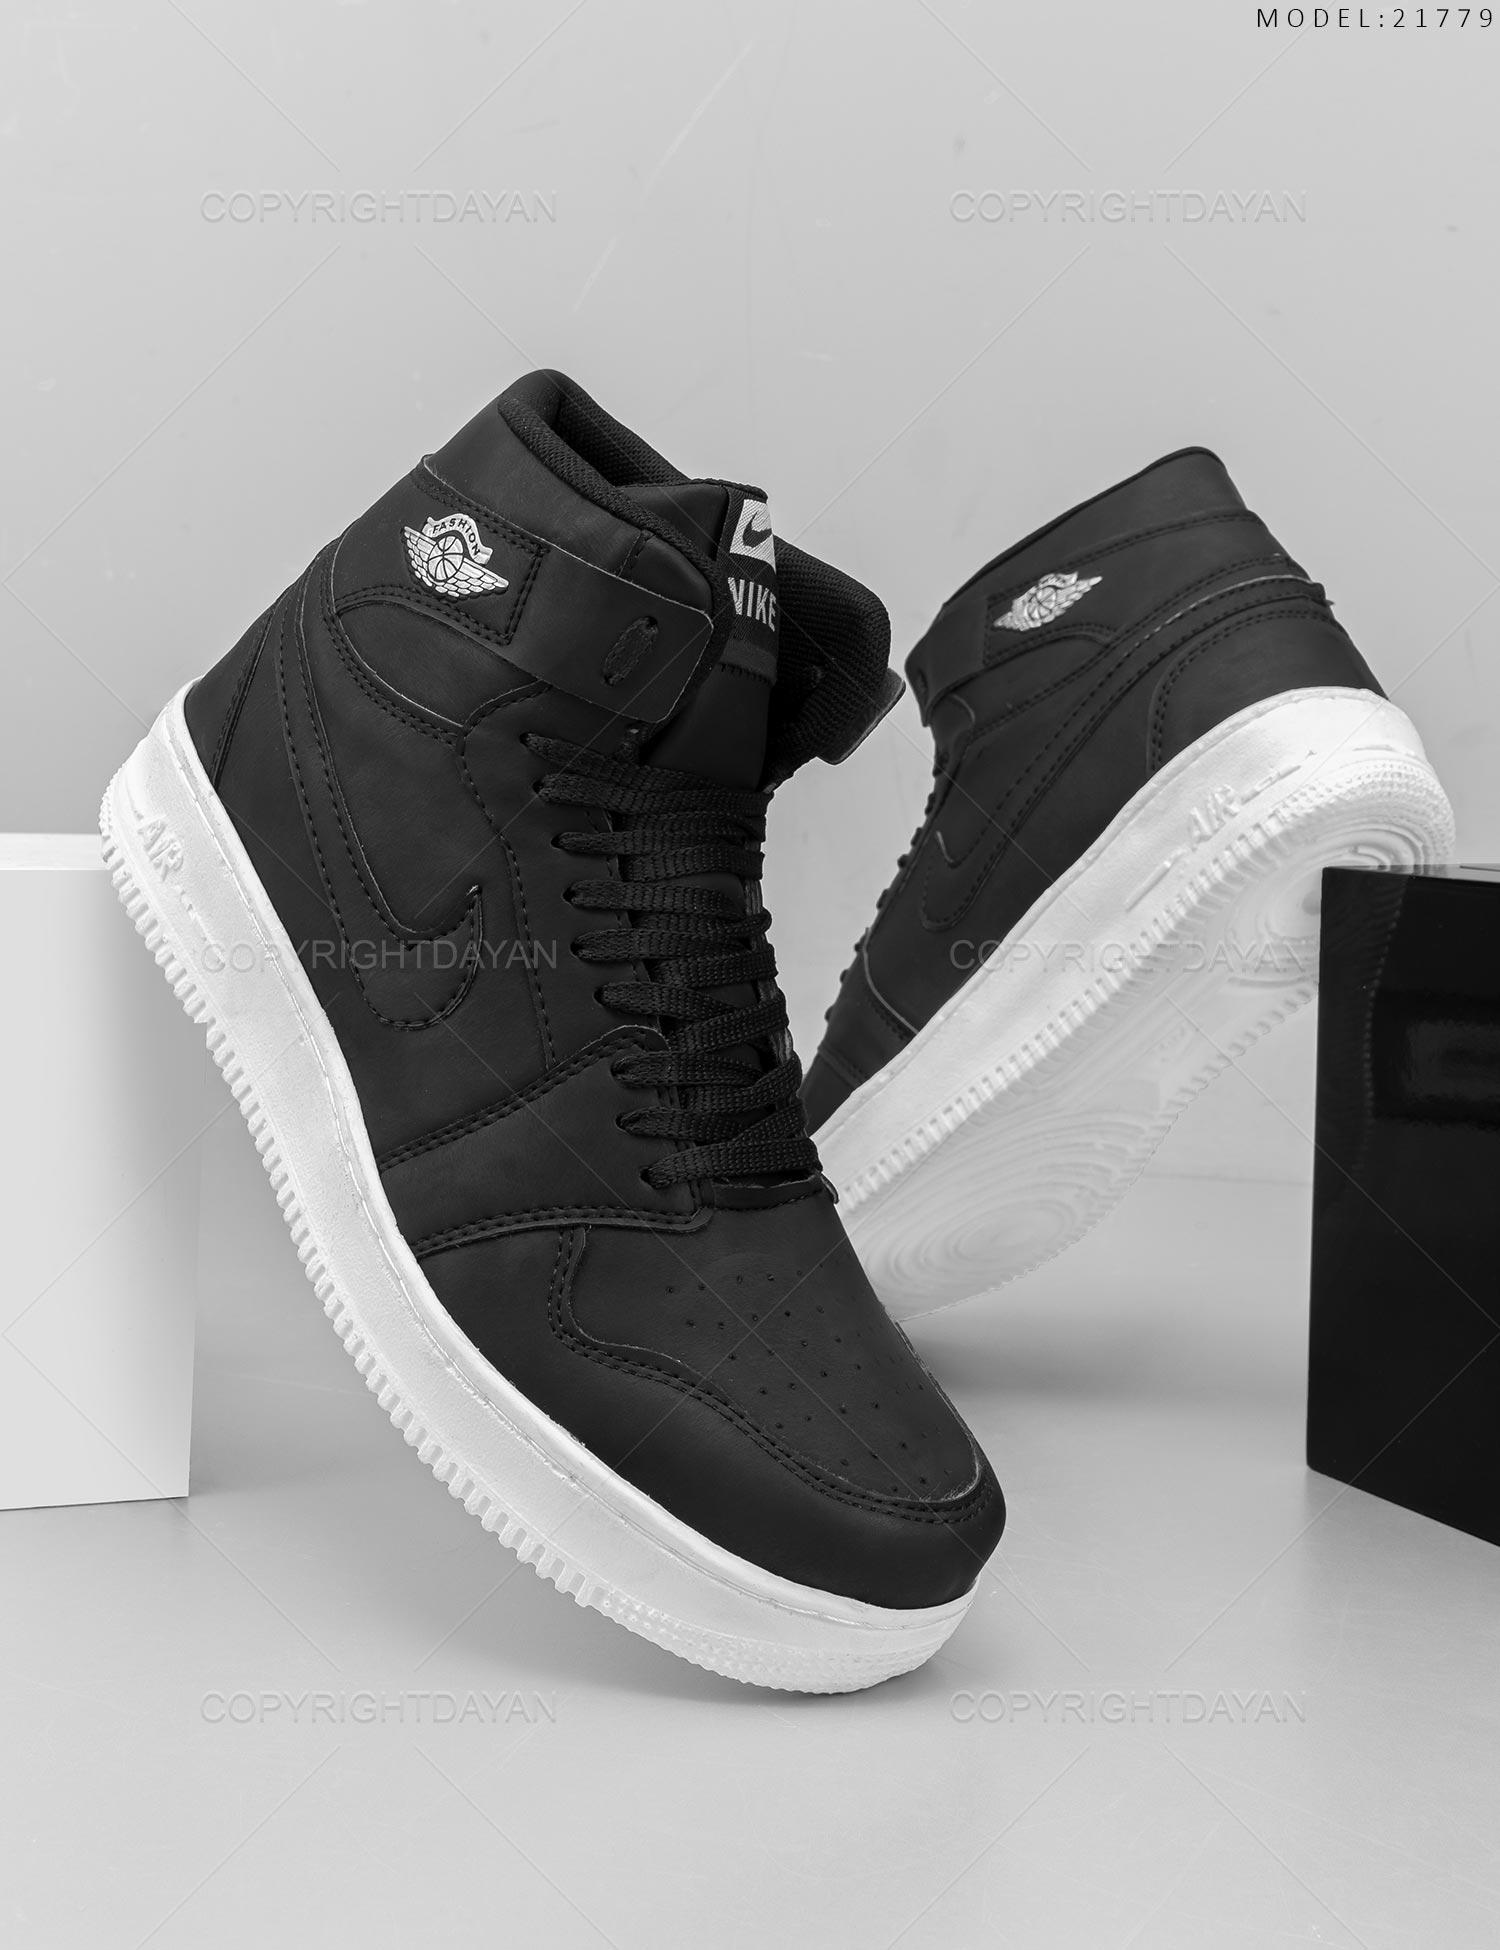 کفش ساقدار مردانه Timberland مدل 21779 کفش ساقدار مردانه Timberland مدل 21779 189,000 تومان